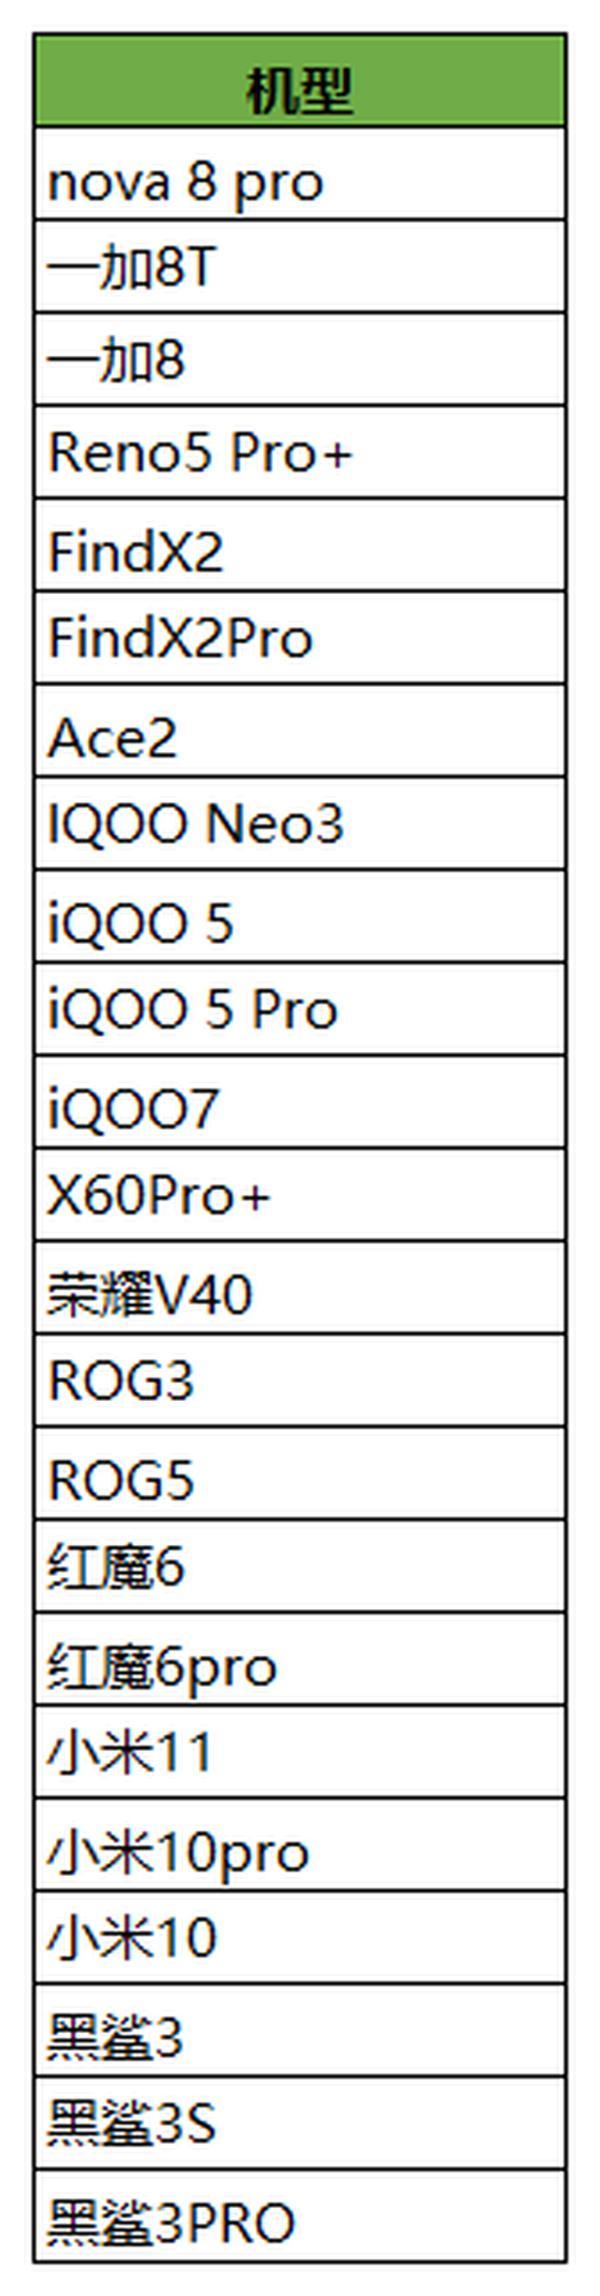 2月2日《王者荣耀》重大更新,更多机型开放90Hz